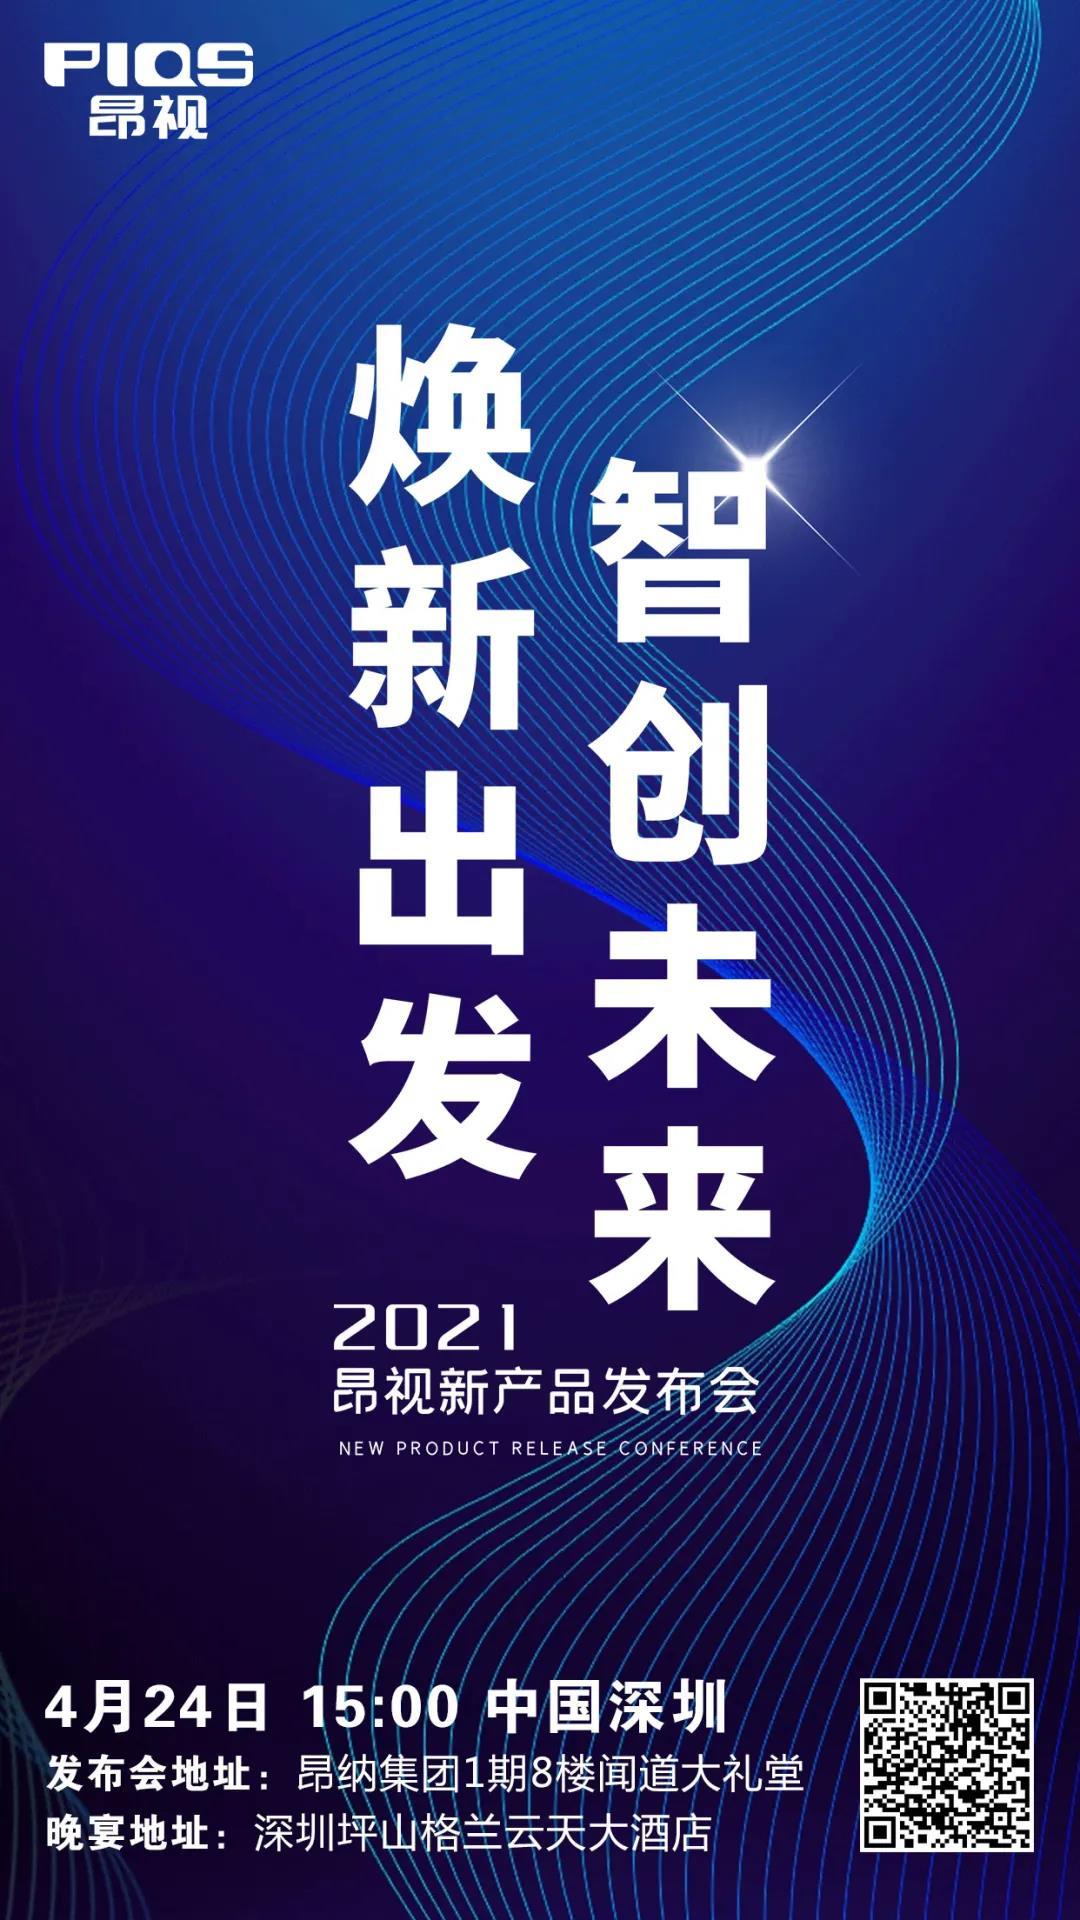 【预告】昂纳新品发布会倒计时4天,精彩亮点前瞻!